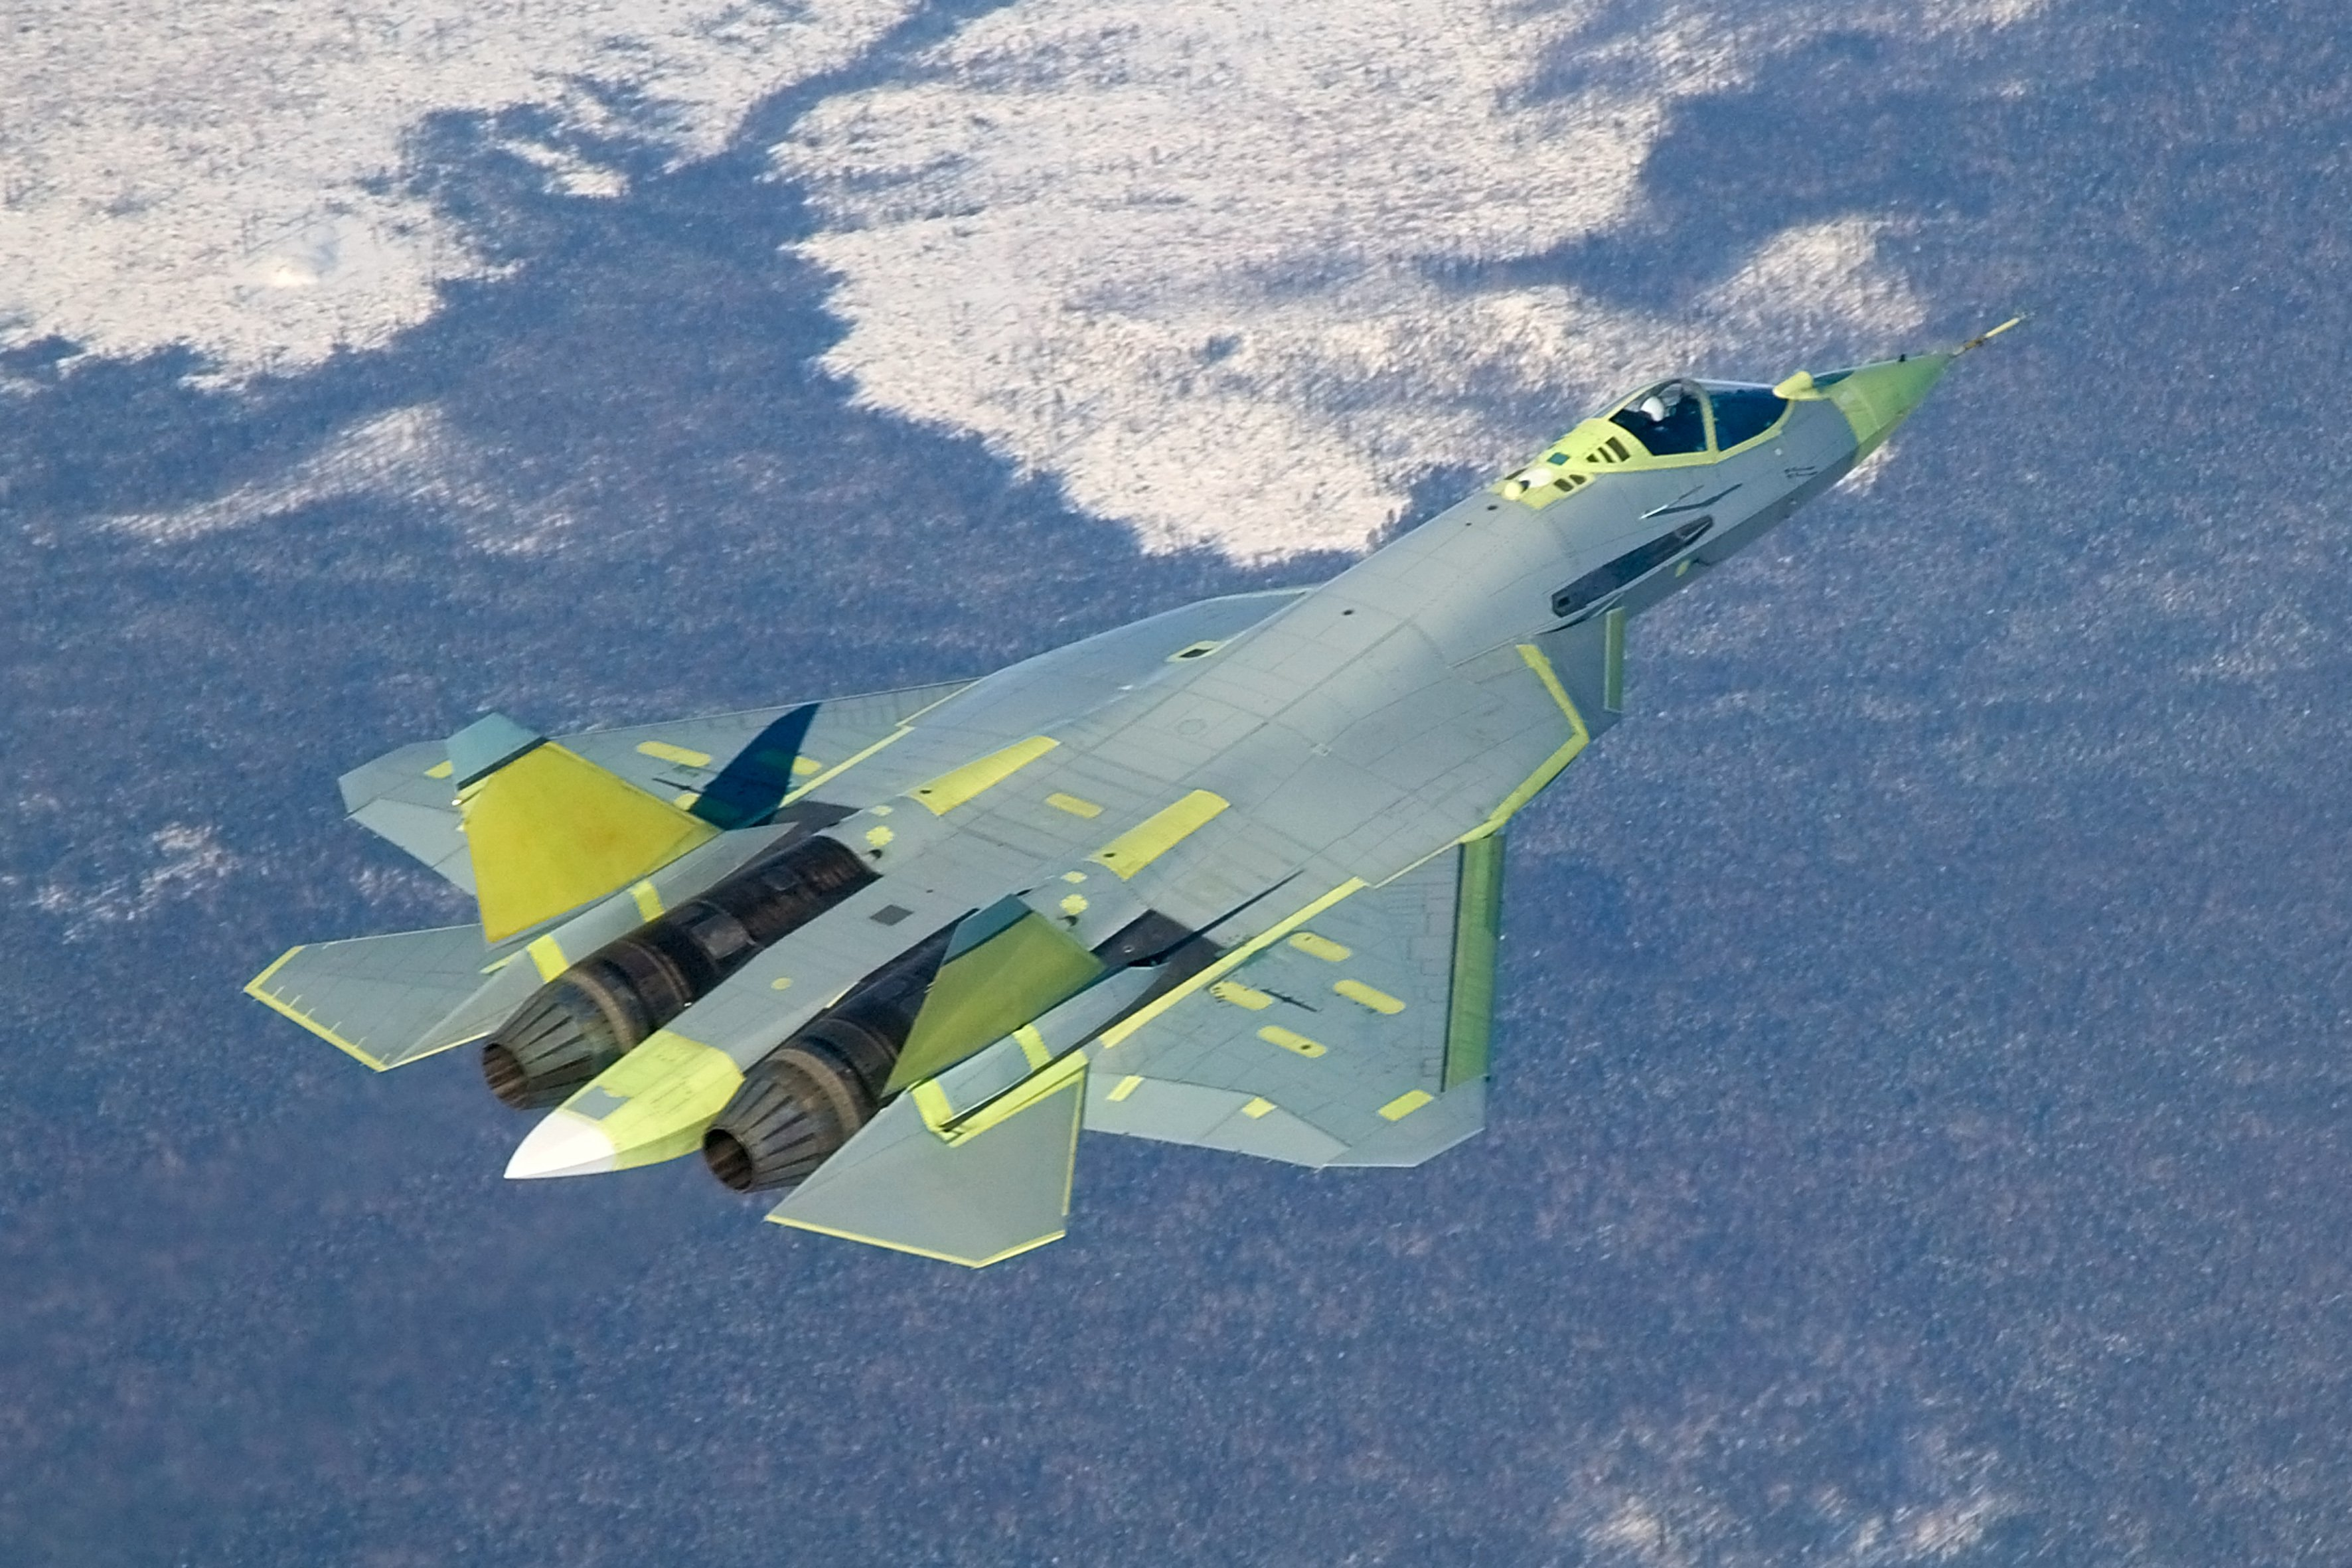 френч новейшие самолеты россии военные главного корпуса